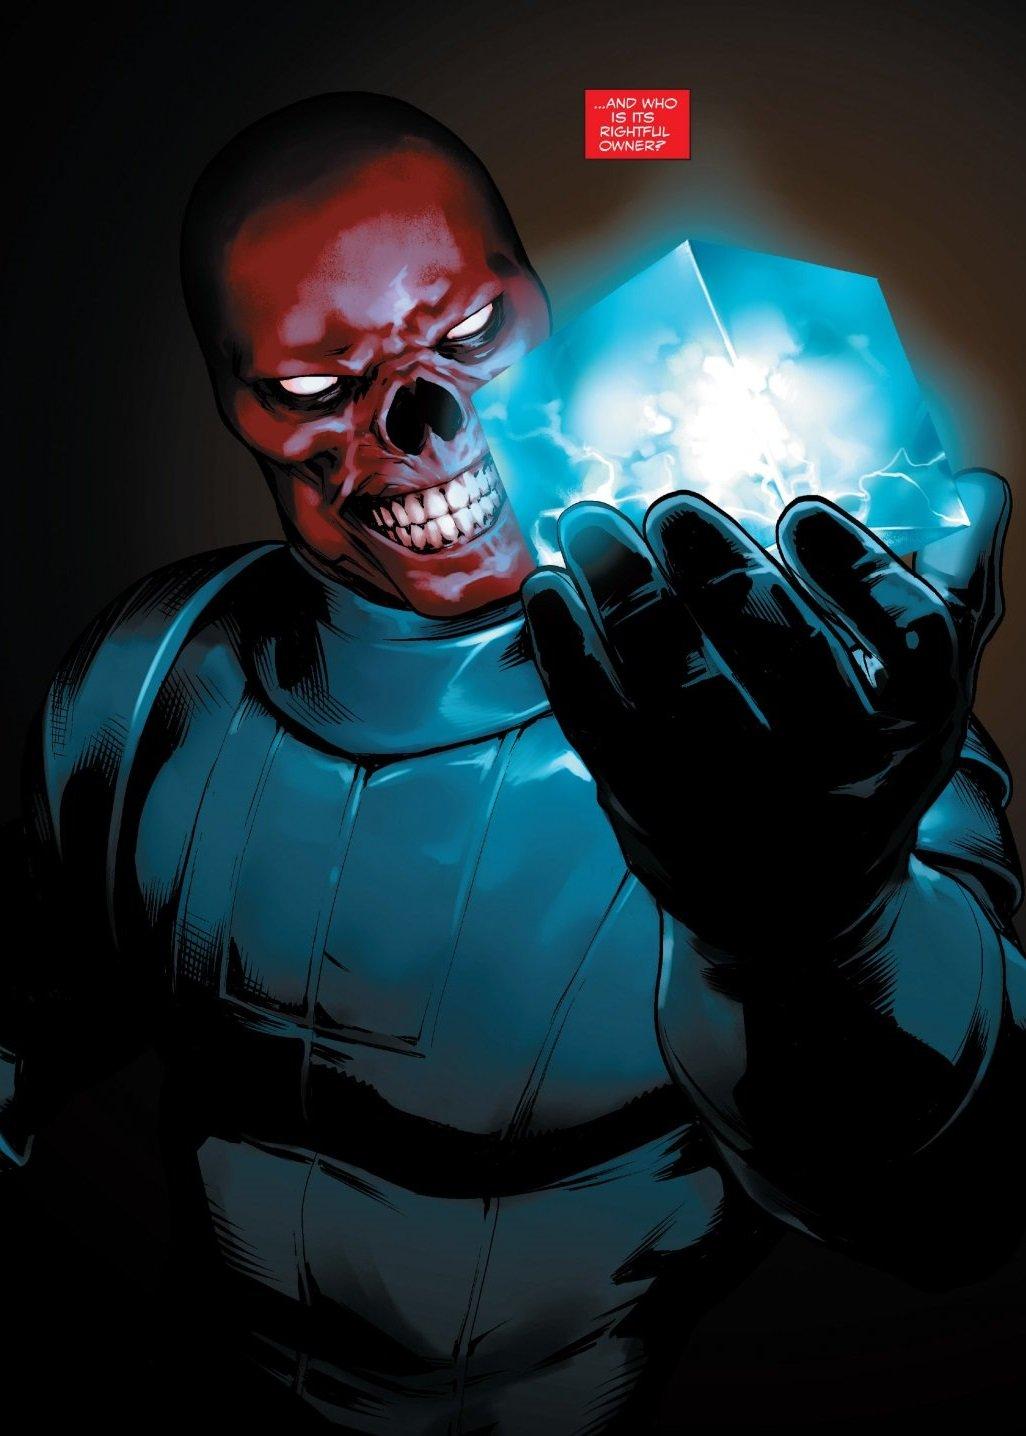 Как Капитан Америка предал все ради власти над Гидрой ивсем миром | Канобу - Изображение 11